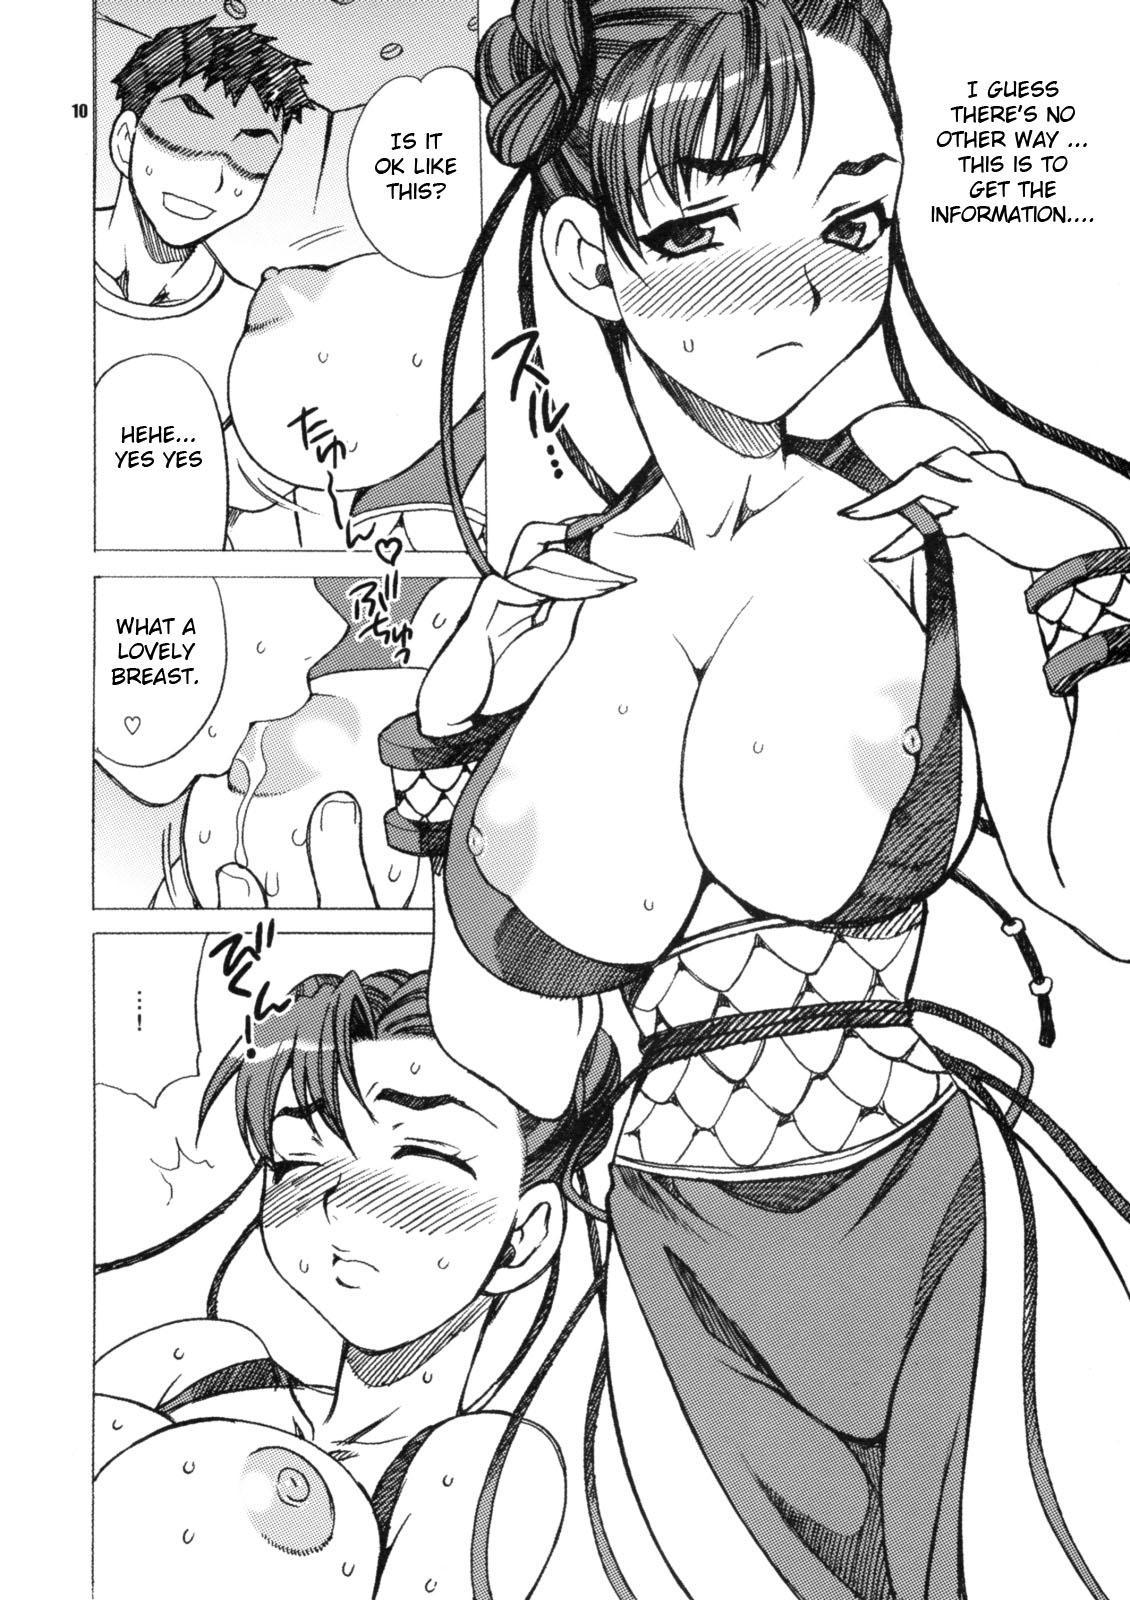 (C75) [Shallot Coco (Yukiyanagi)] Yukiyanagi no Hon 18 Chun-Li Keiji no Oppai Sousa | Detective Chun-Li's Boobie Investigation (Street Fighter) [English] [Hentai from Hell] 9